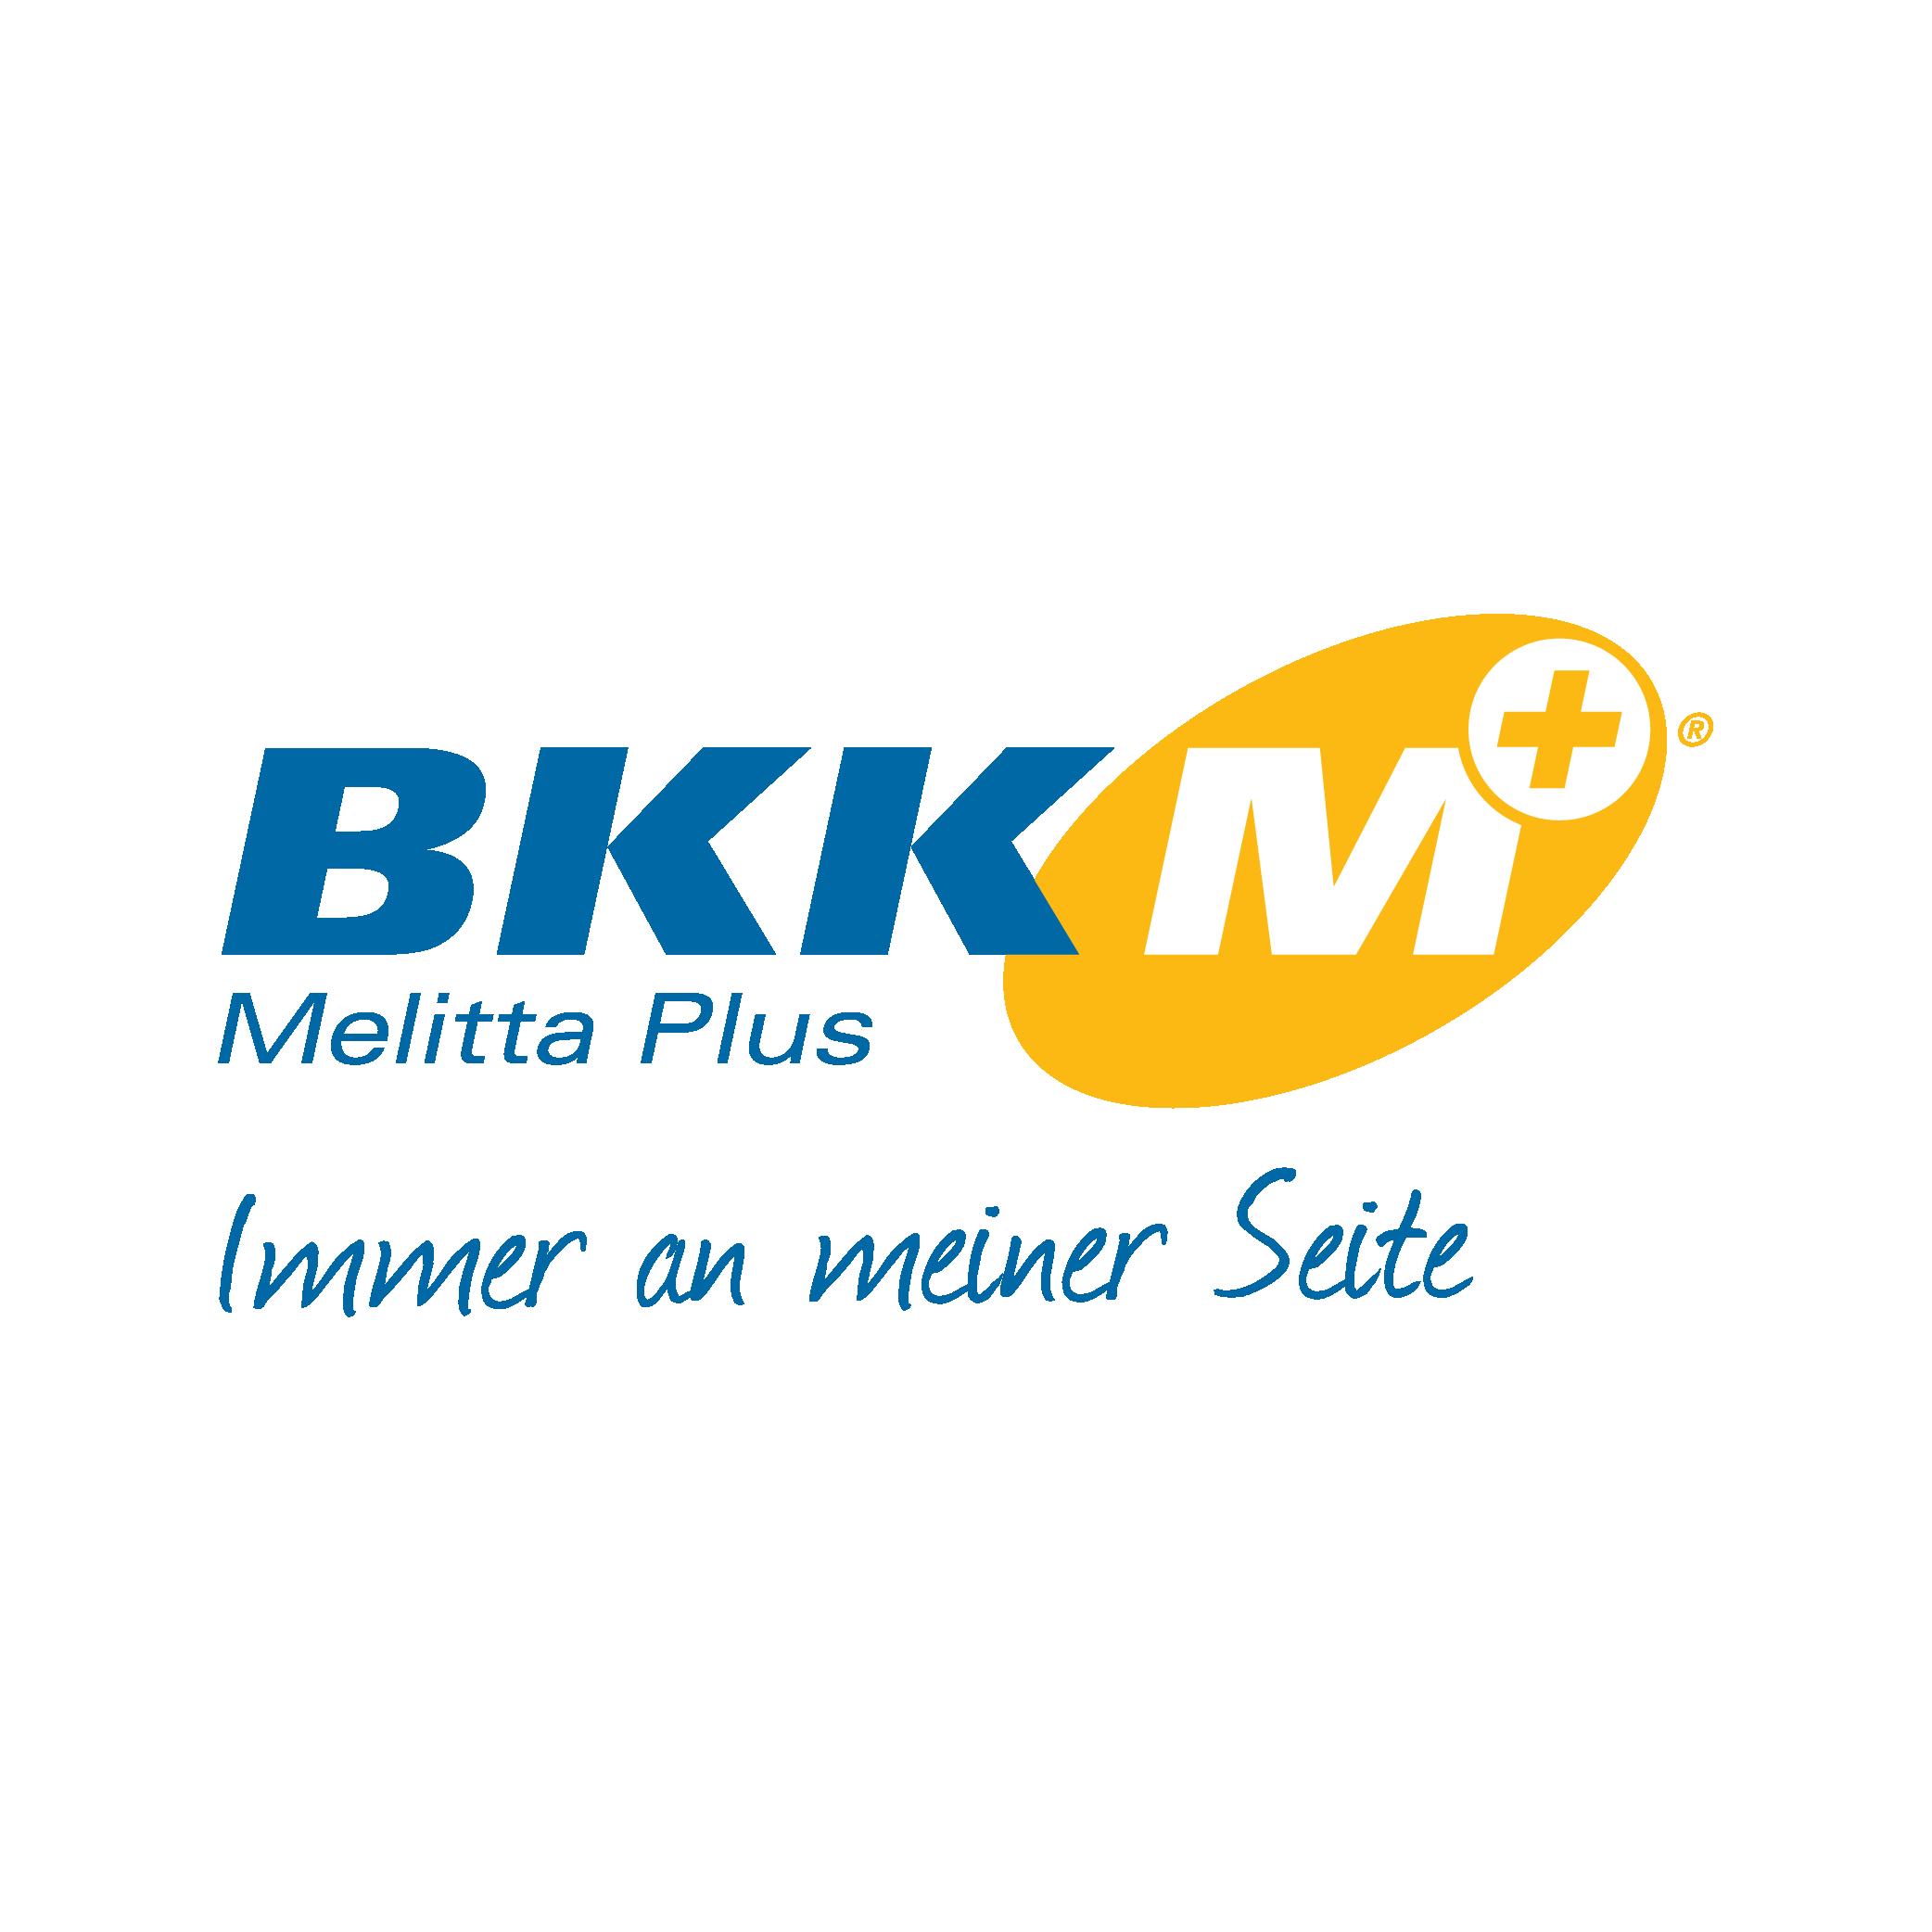 Markenzeichen der BKK Melitta Plus